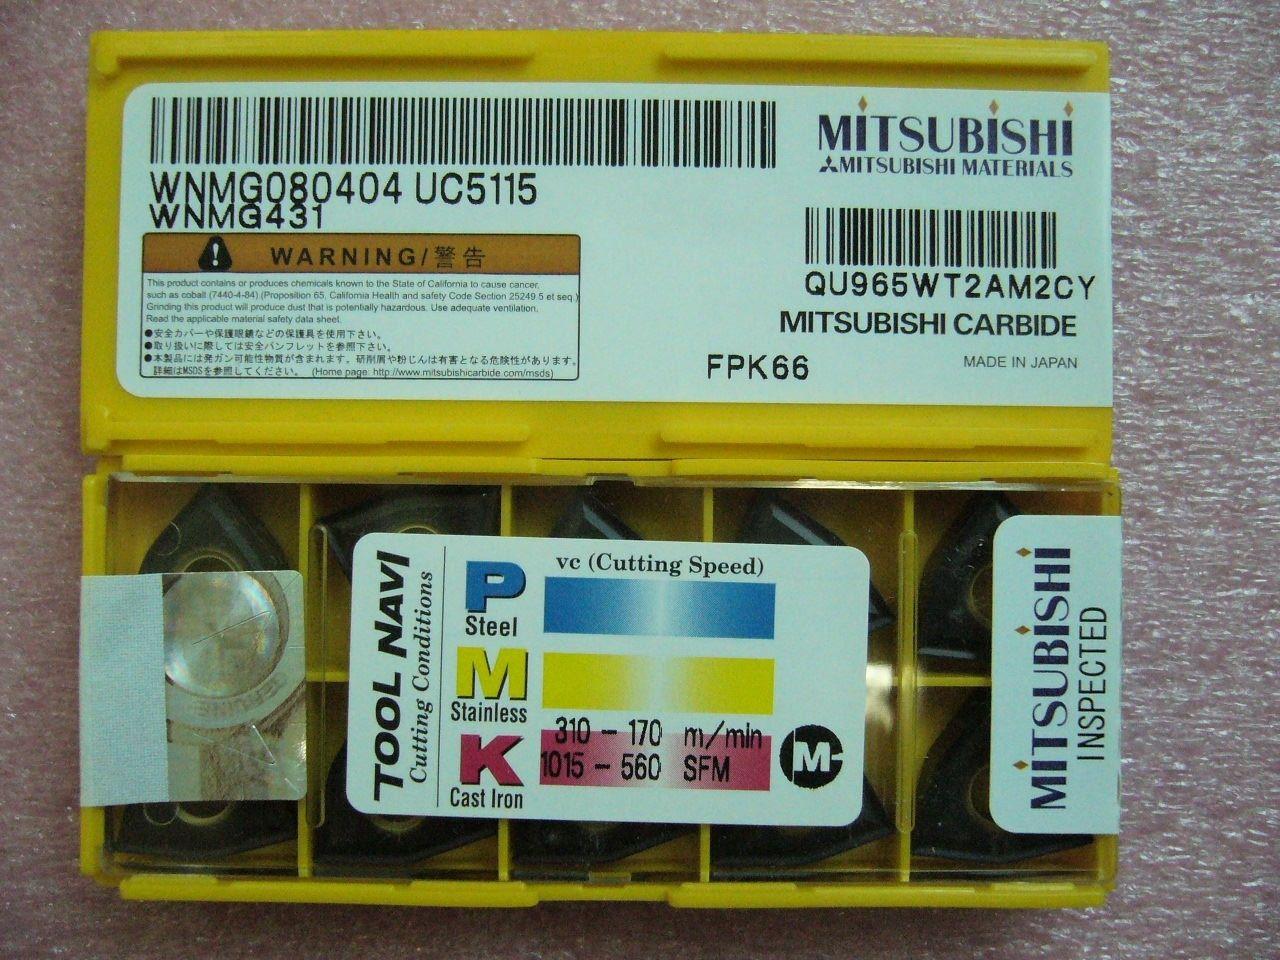 QTY 10x Mitsubishi CCMT32.51 CCMT09T304 VP15TF NEW